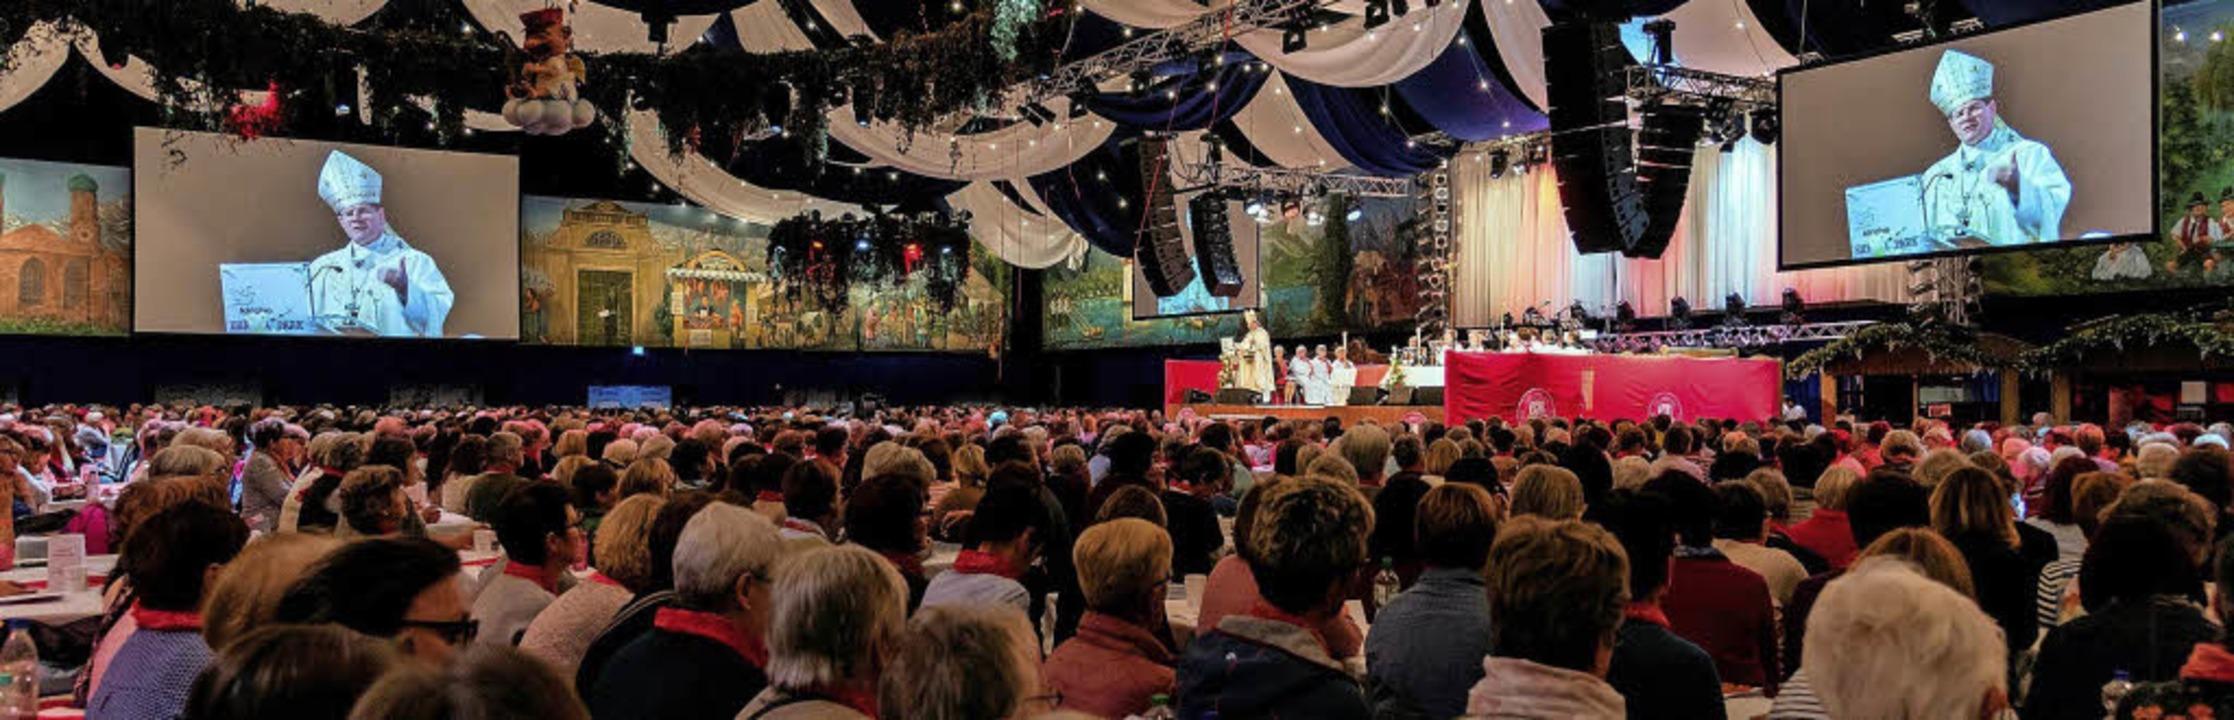 Erzbischof Stephan Burger hält in der ...pa-Park Arena einen Festgottesdienst.   | Foto: Europa-Park